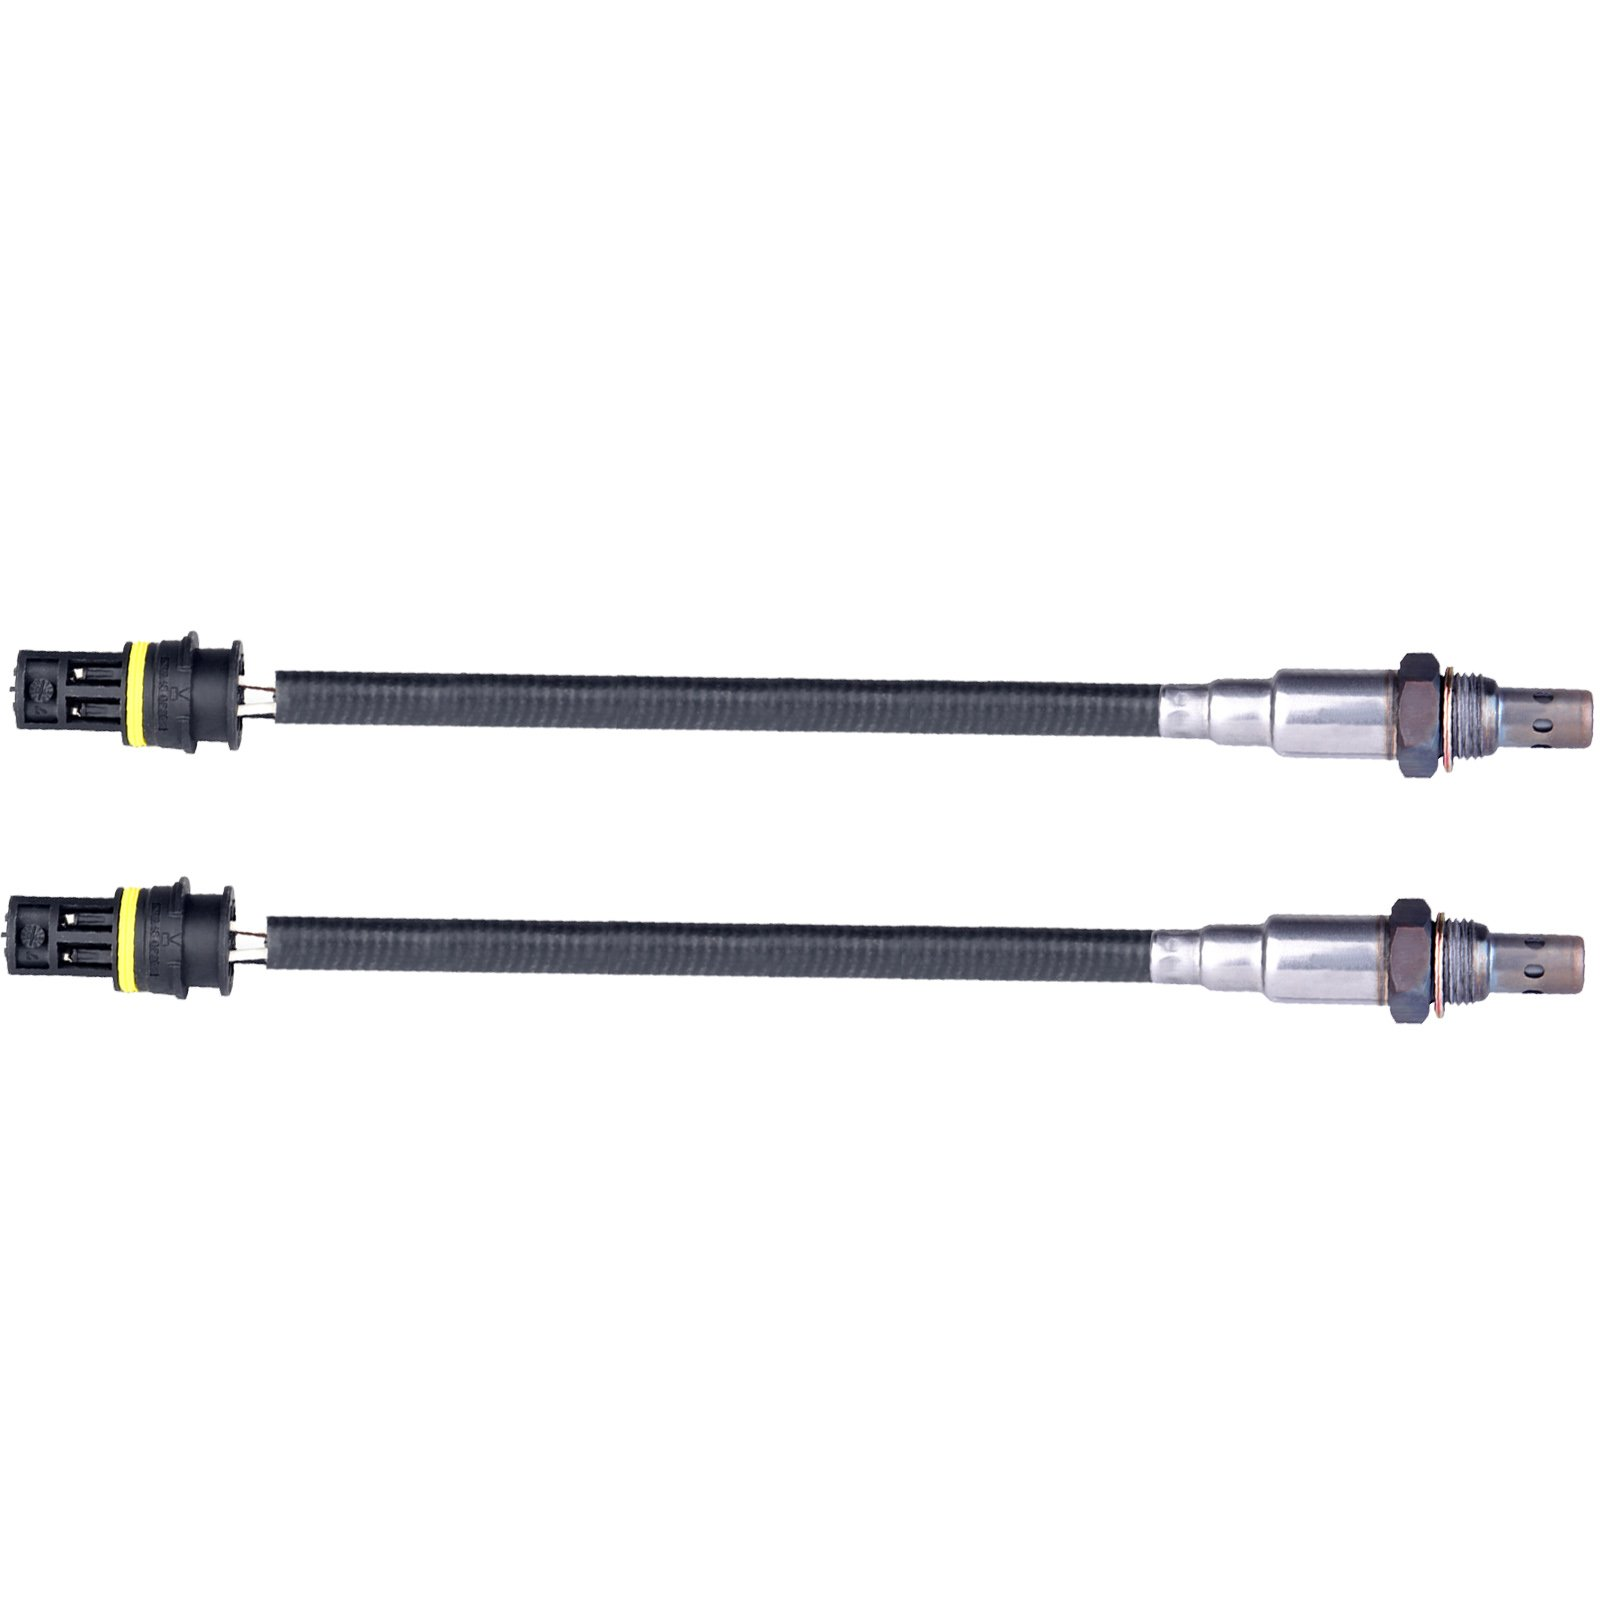 ECCPP 2pcs of Oxygen Sensor Upstream 02 O2 Sensors Fits 234-4672 for 740i 740iL 540i 530i 528i 525i 330xi 330i 330Ci 328i 325xi 325Ci 325i 323i 323Ci by ECCPP